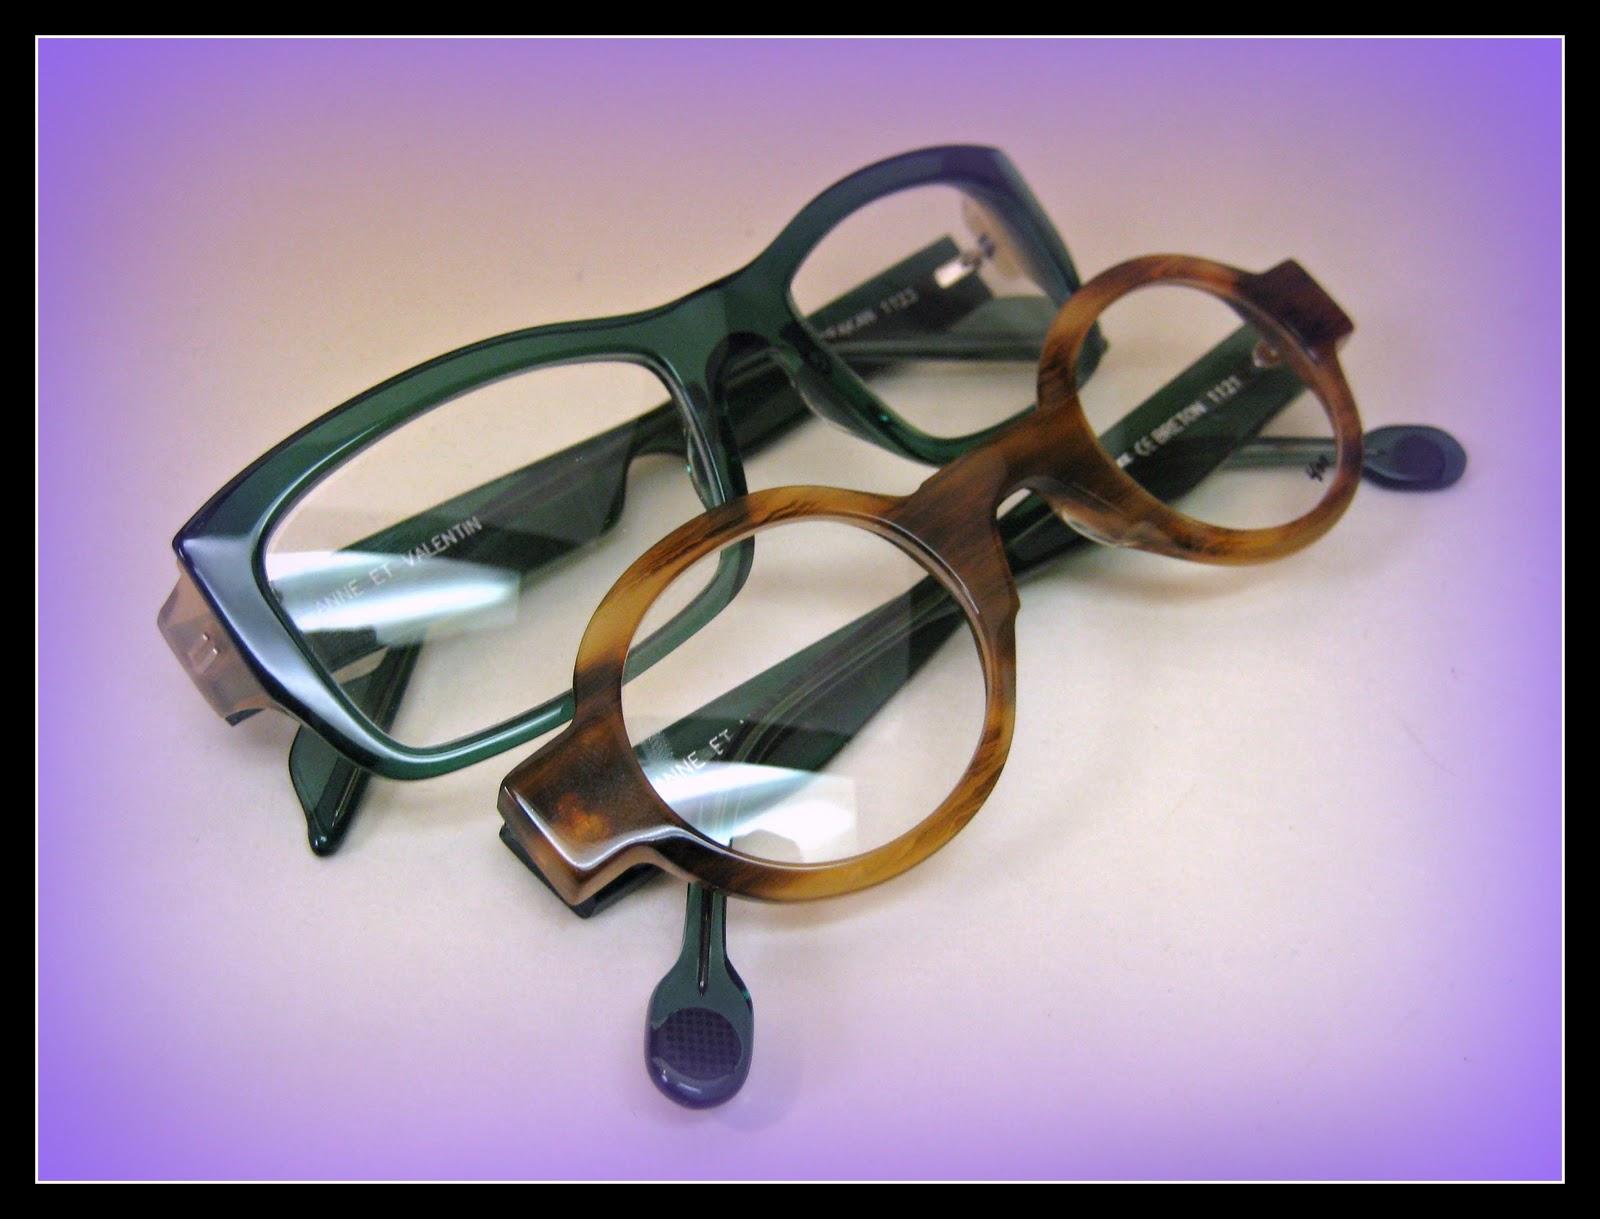 New Anne et Valentin Frames from Silmo!!! | Eye Spy Optical